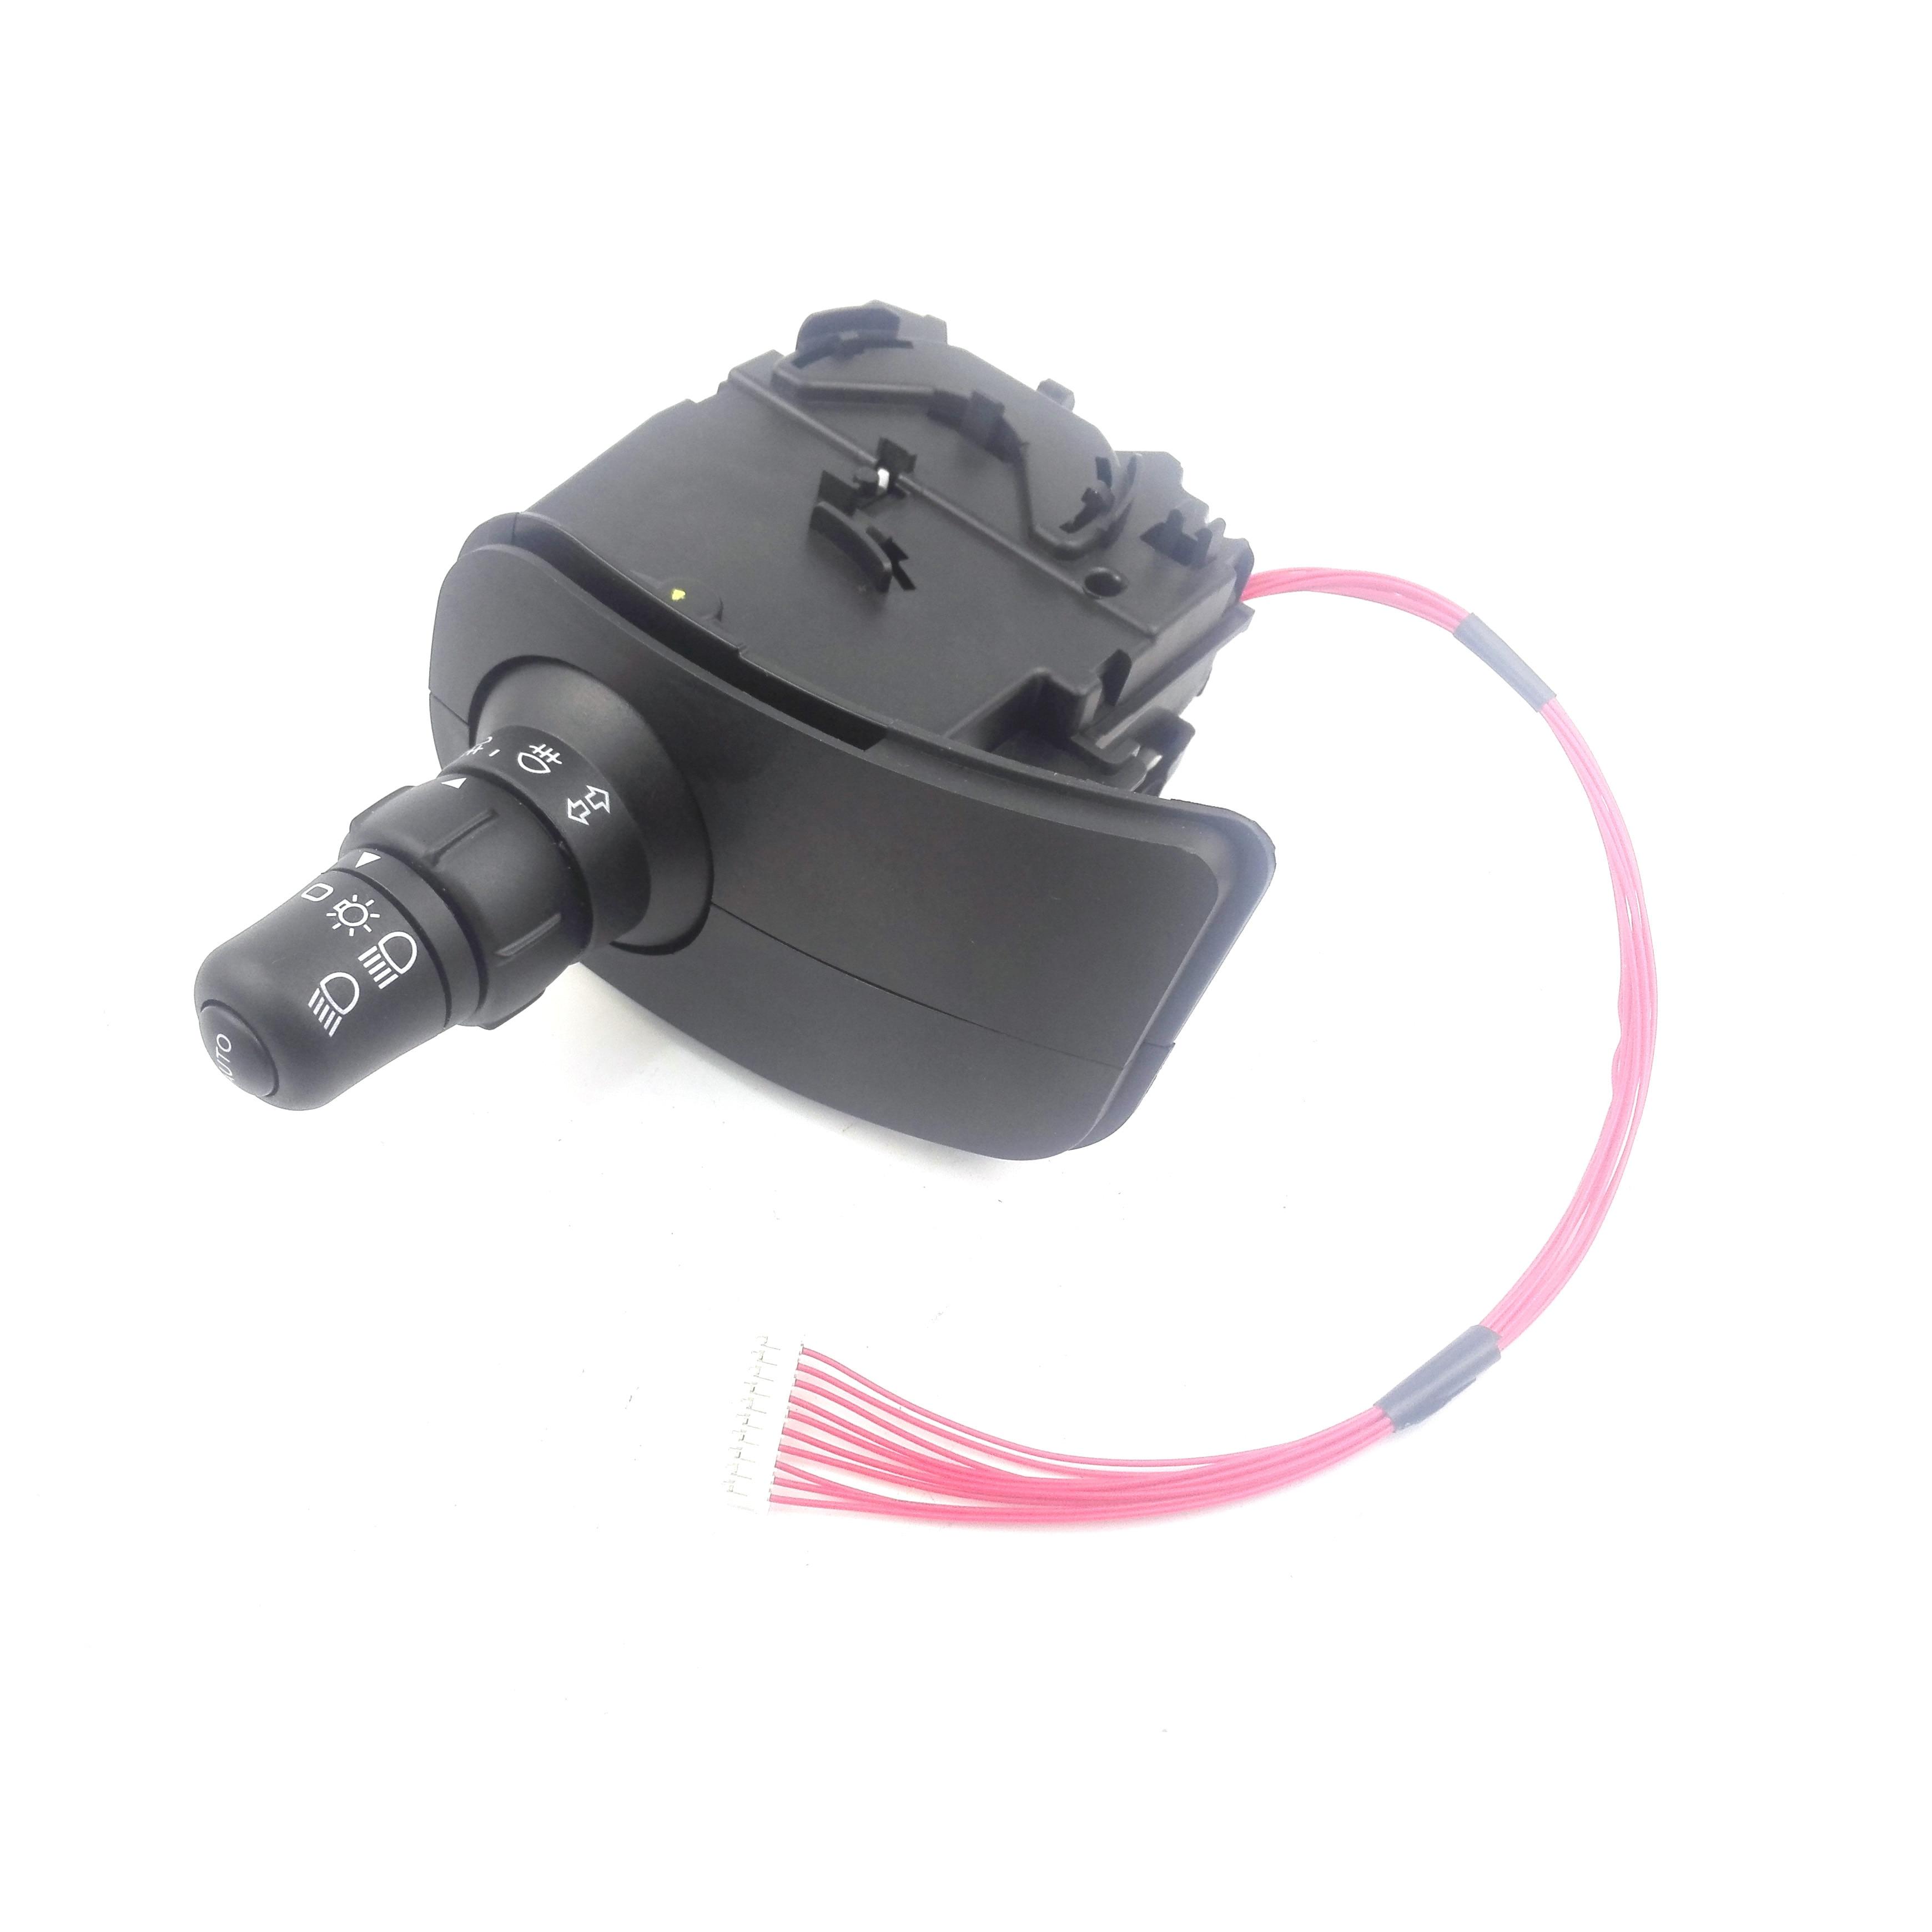 Interrupteur indicateur de colonne de direction 10Pin pour Renault Clio MK3 interrupteur combiné pour Renault Kangoo MK2 7701057090 8201590638